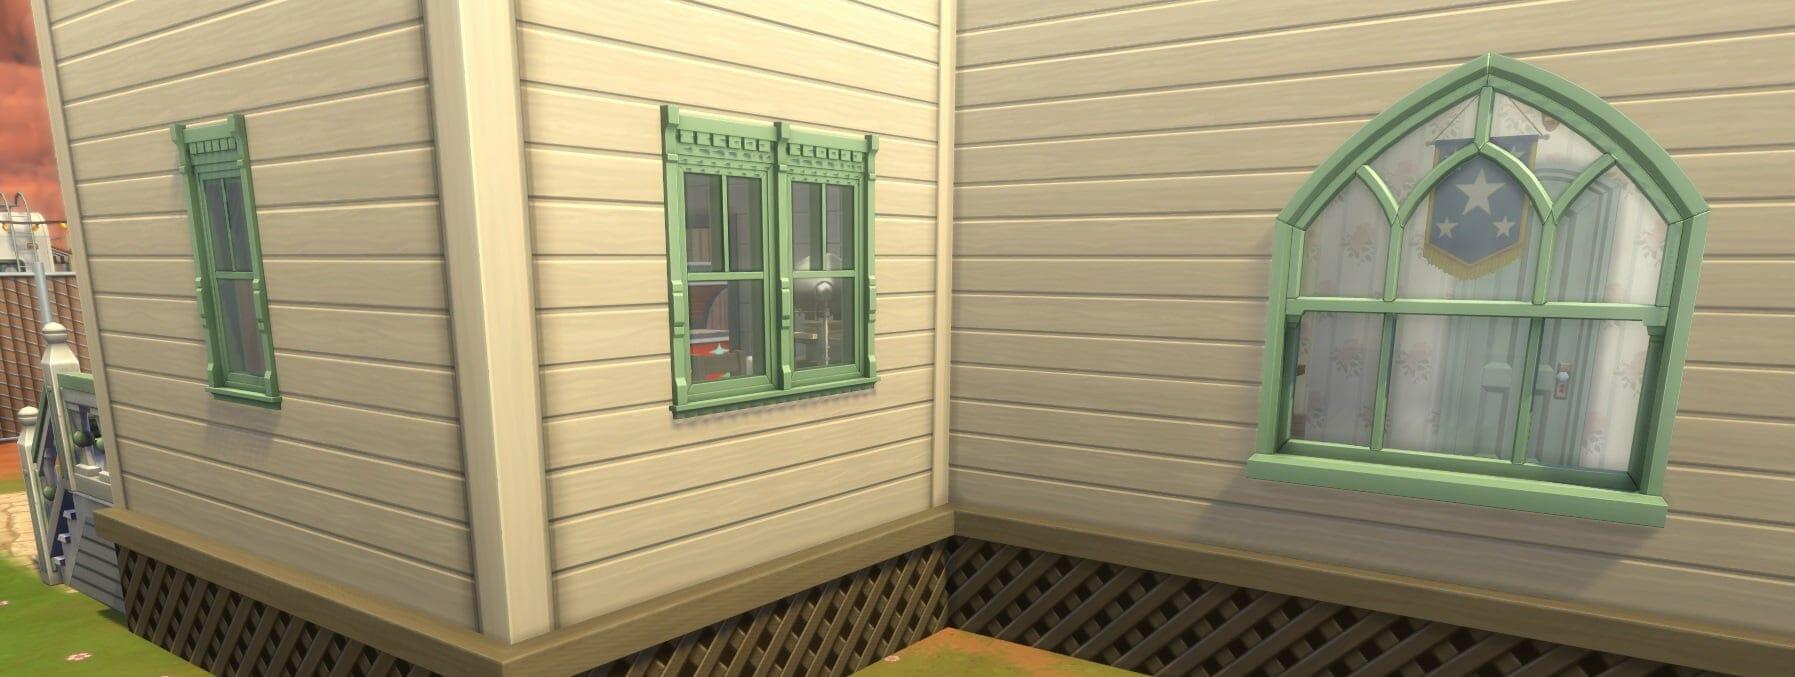 Fenêtres sims 4 stranger ville